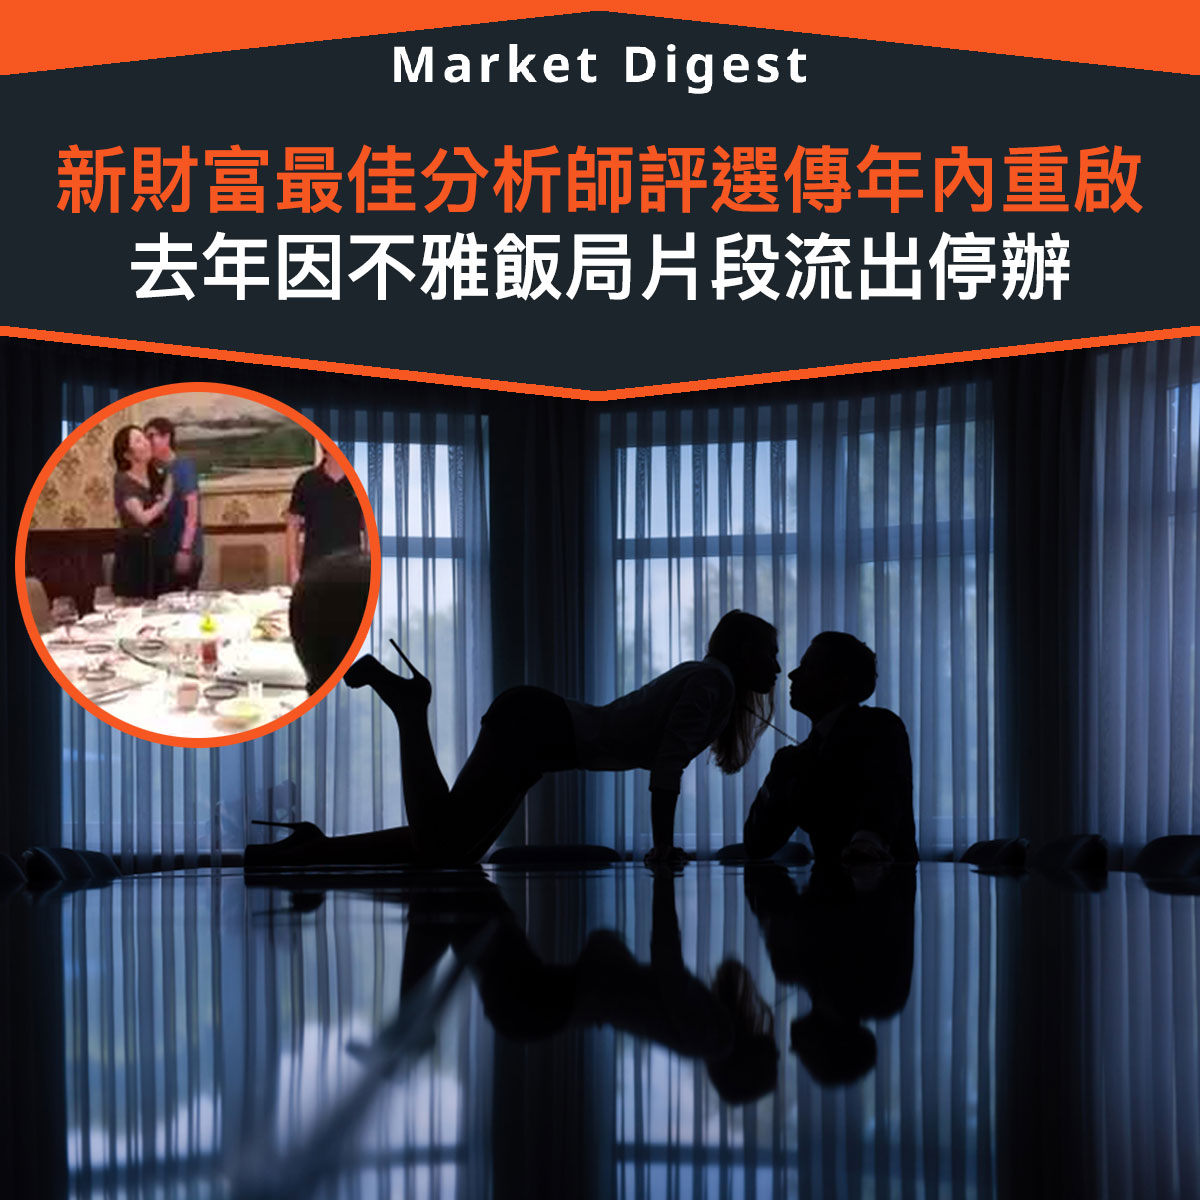 【市場熱話】《新財富》最佳分析師評選傳年內重啟 去年因不雅飯局片段流出停辦